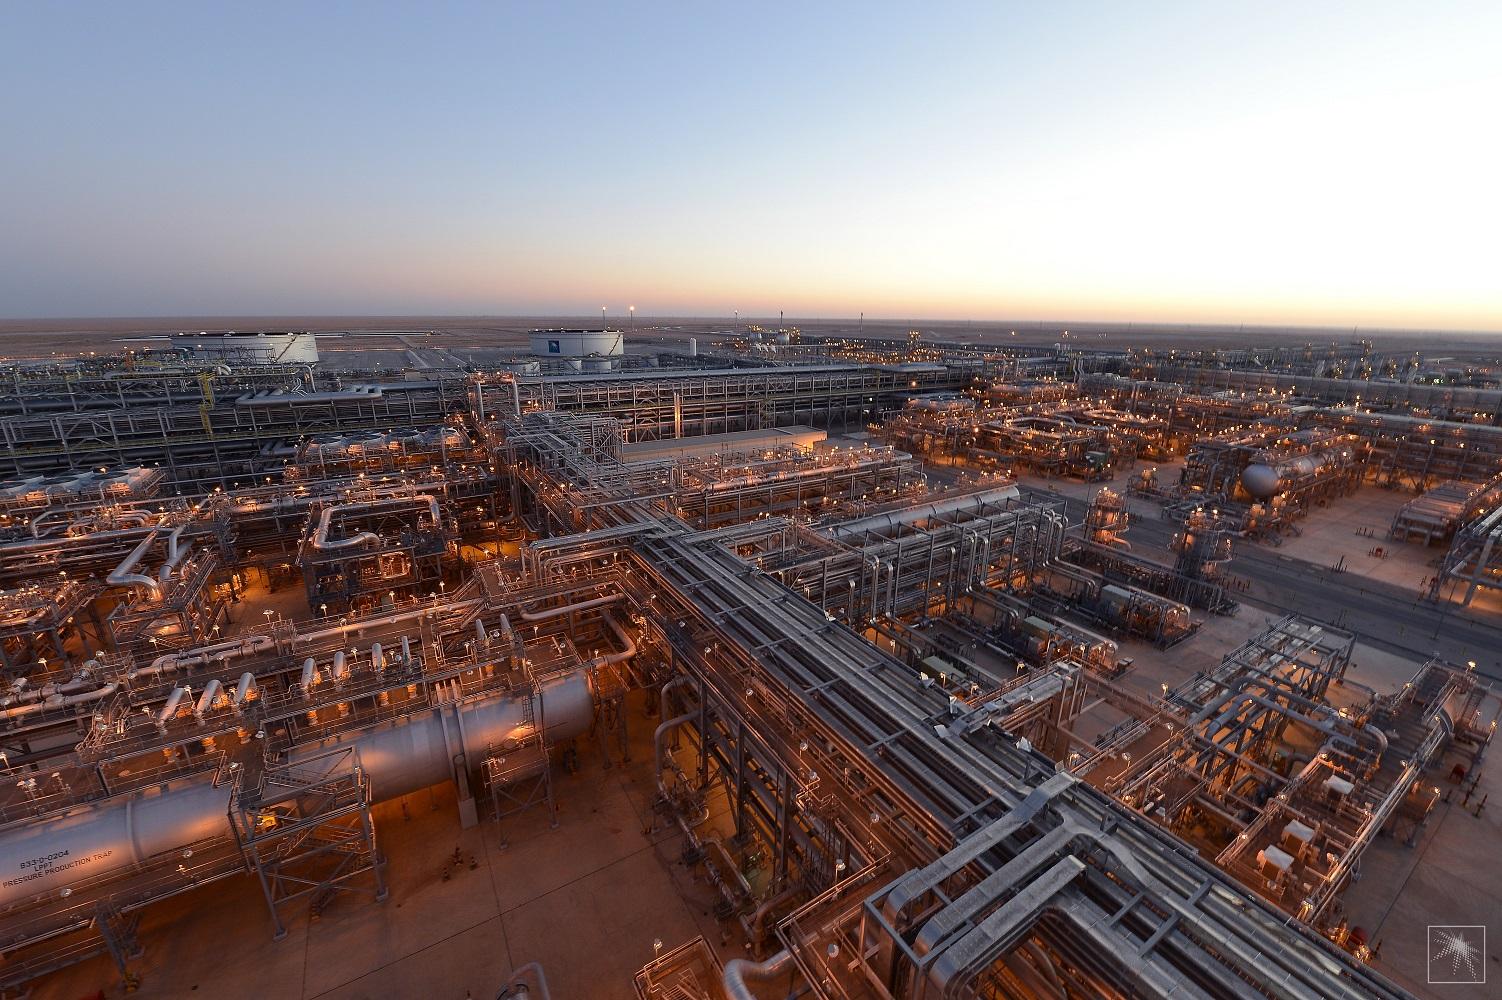 Entrée en bourse d'Aramco : Les forces et les faiblesses d'un géant du pétrole